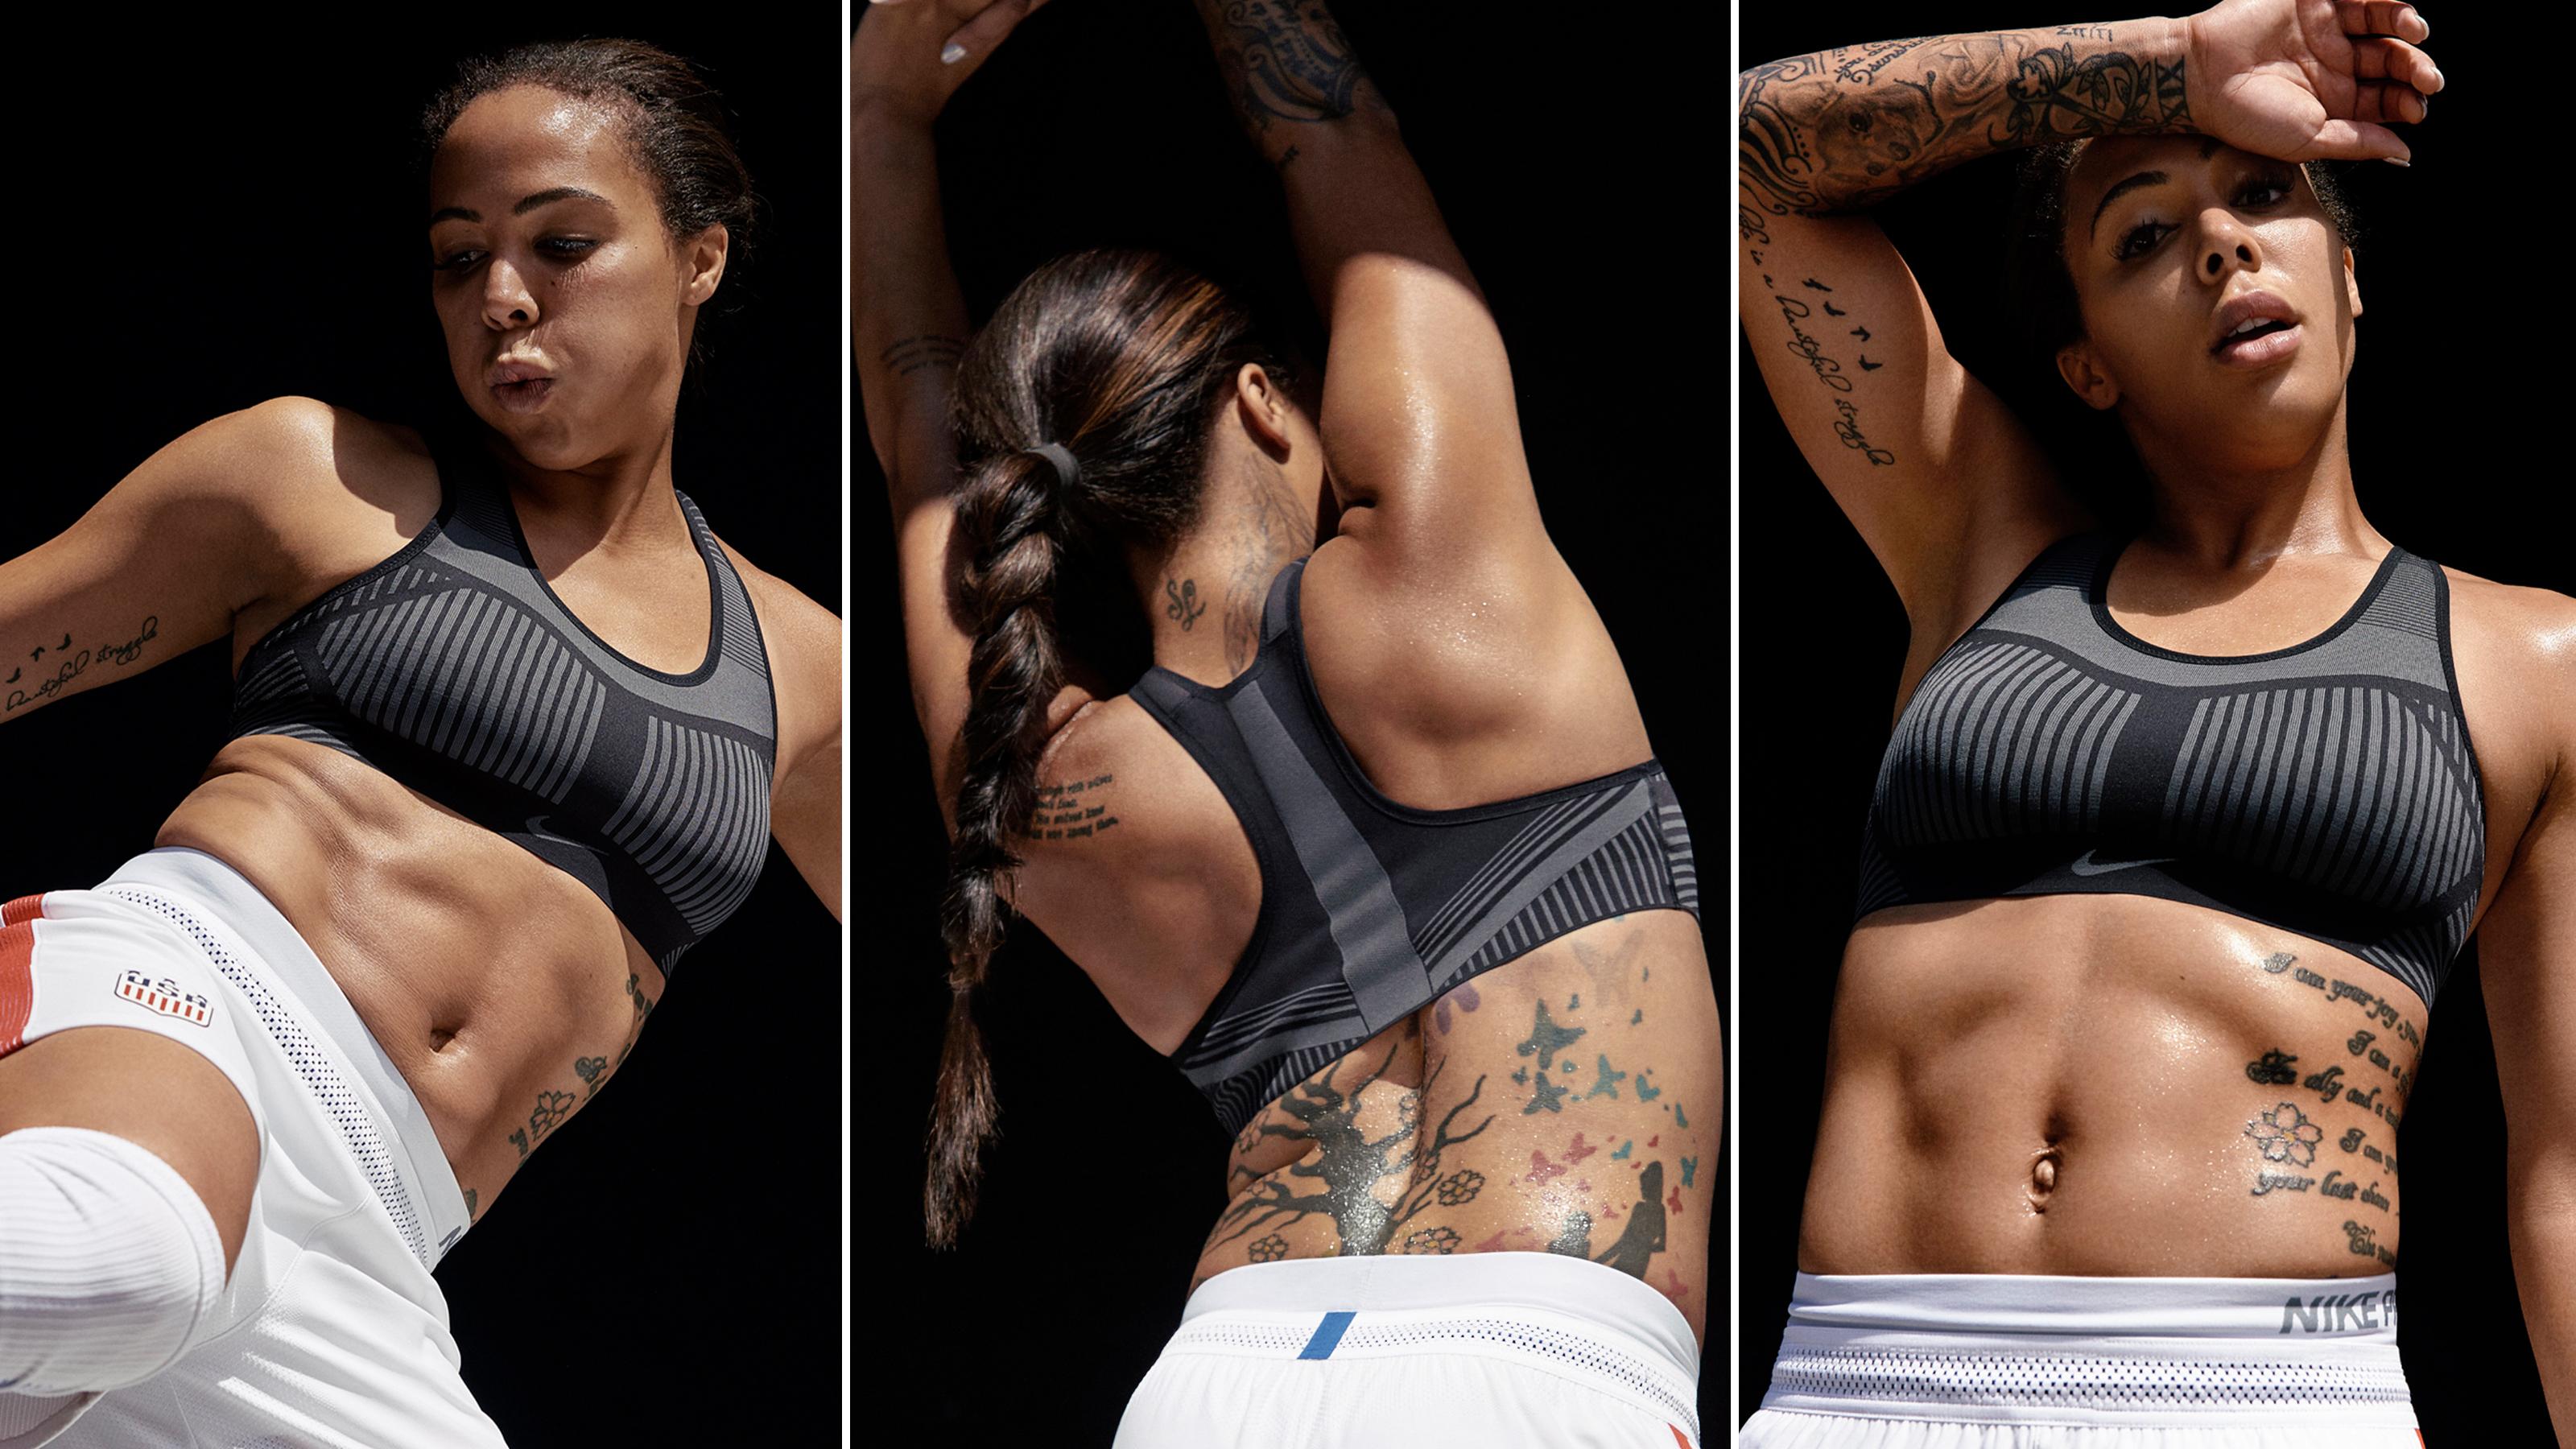 Nike's FE/NOM Flyknit sports bra